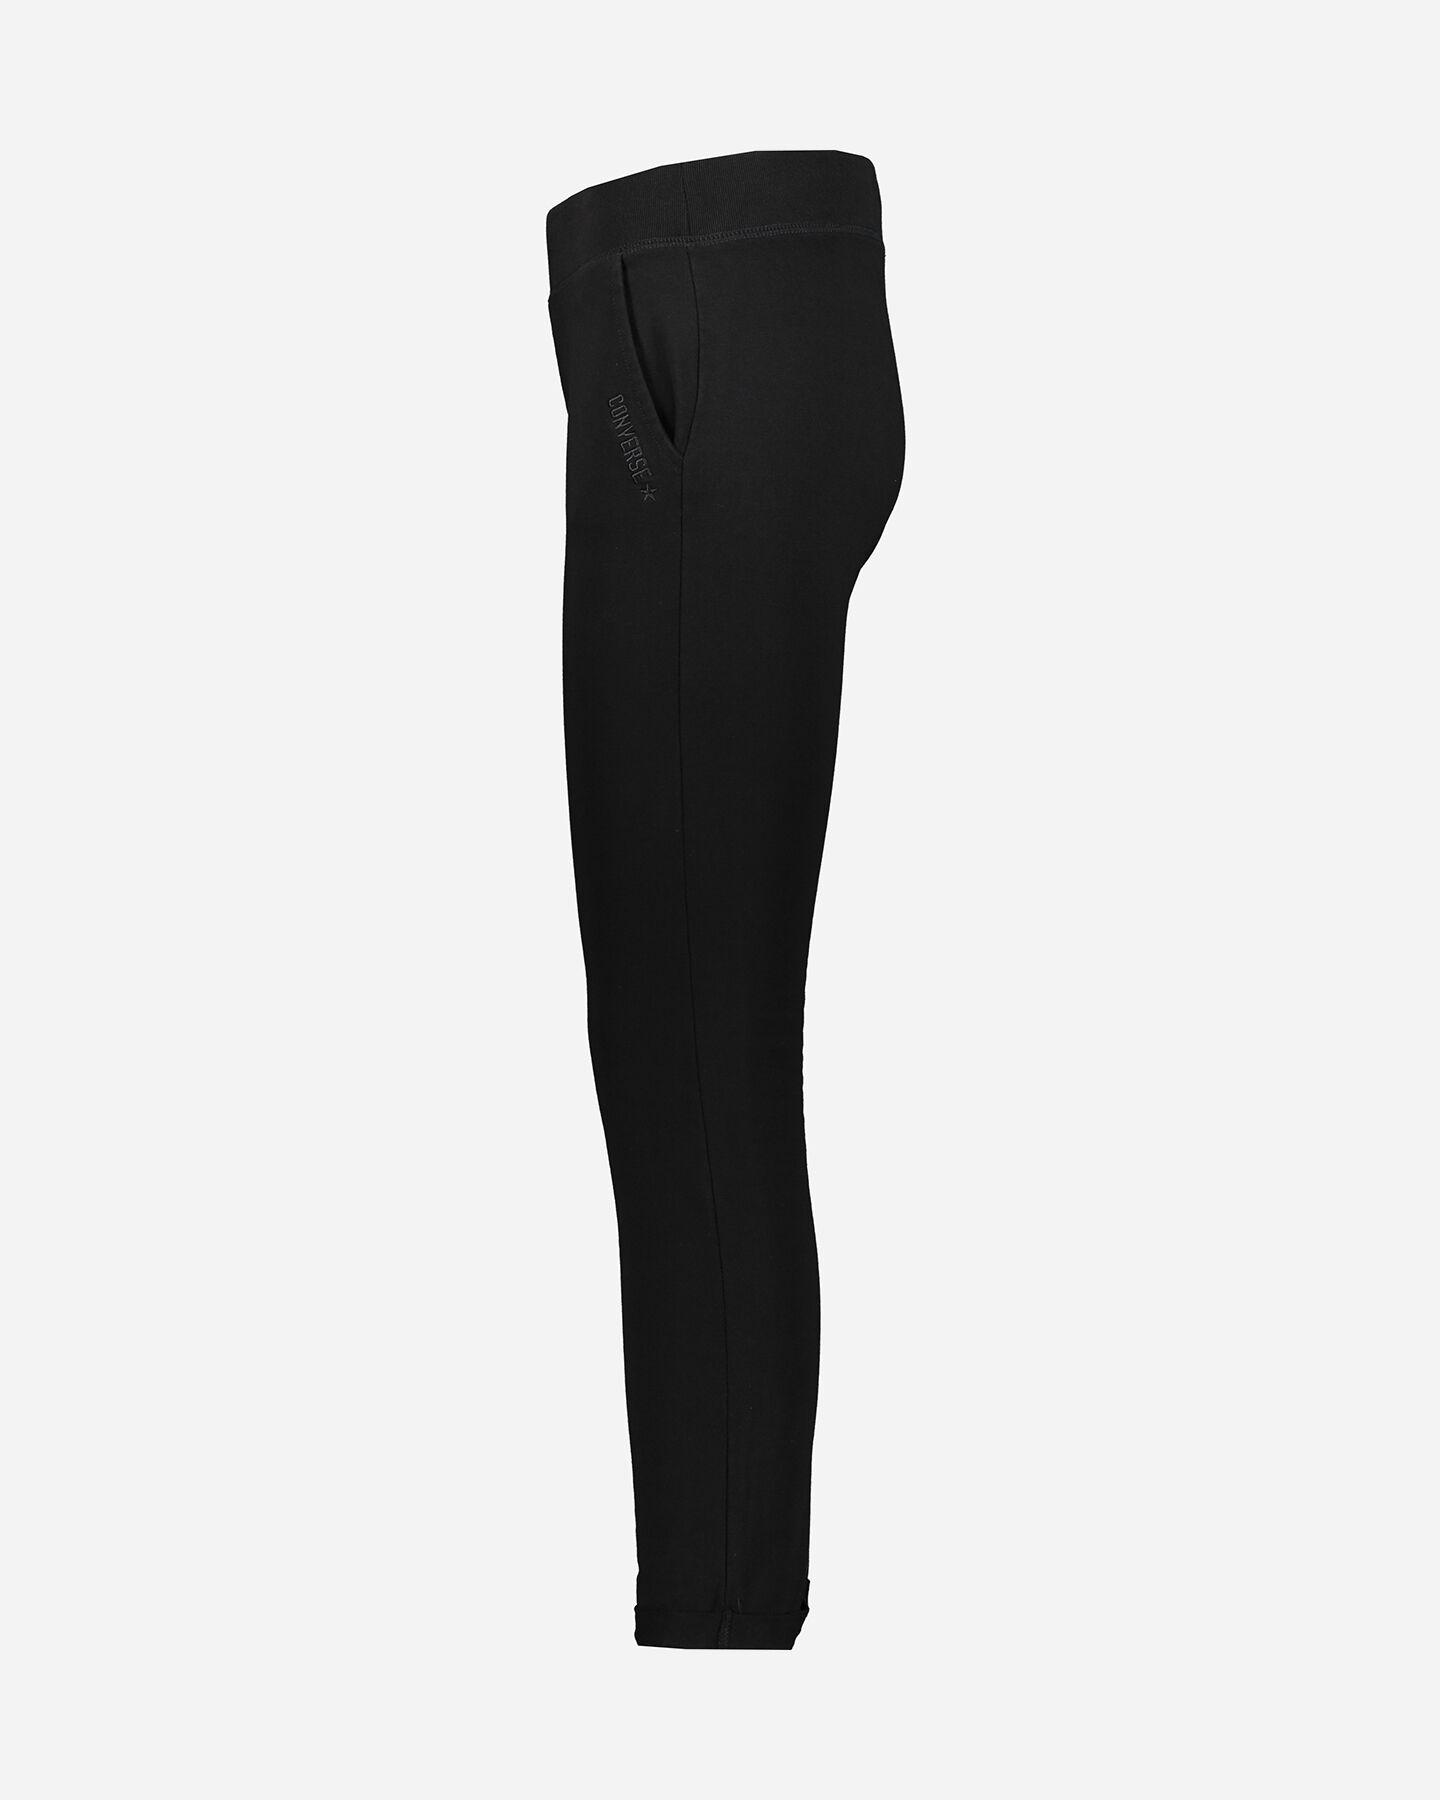 Pantalone CONVERSE LOGO CLASSIC W S5181155 scatto 1